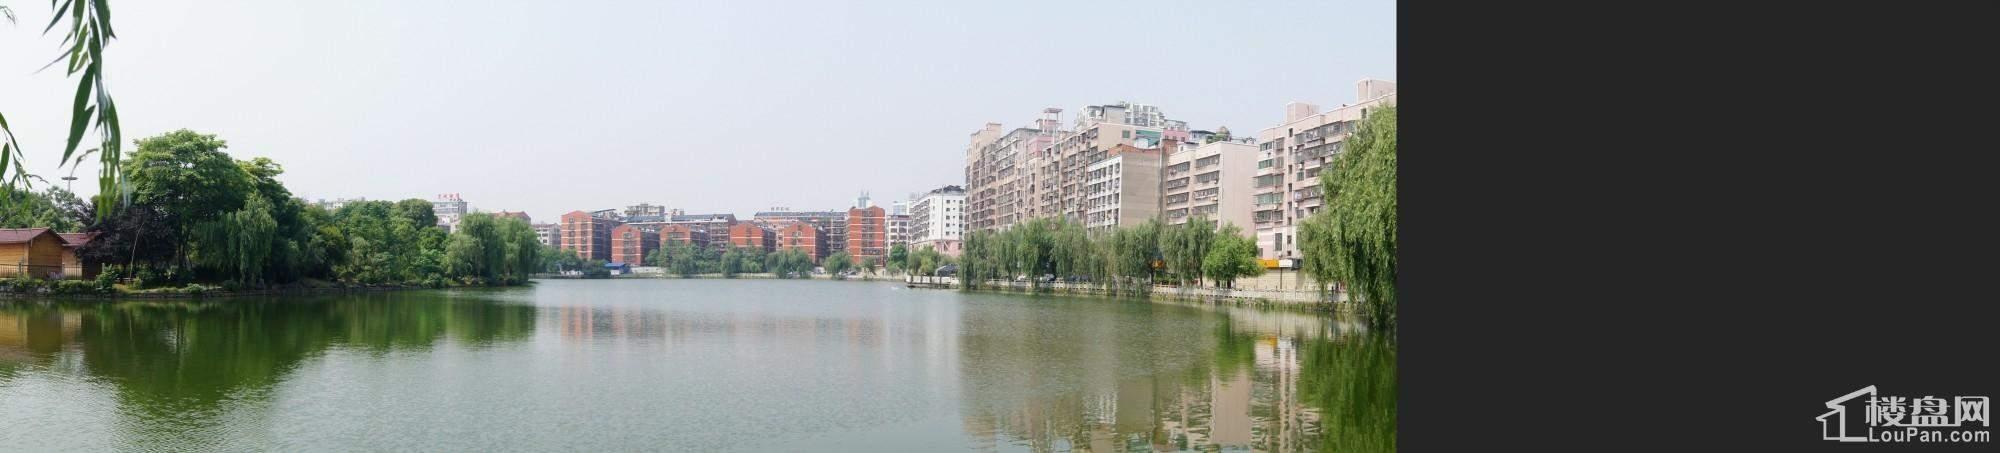 东湖阳光实景图